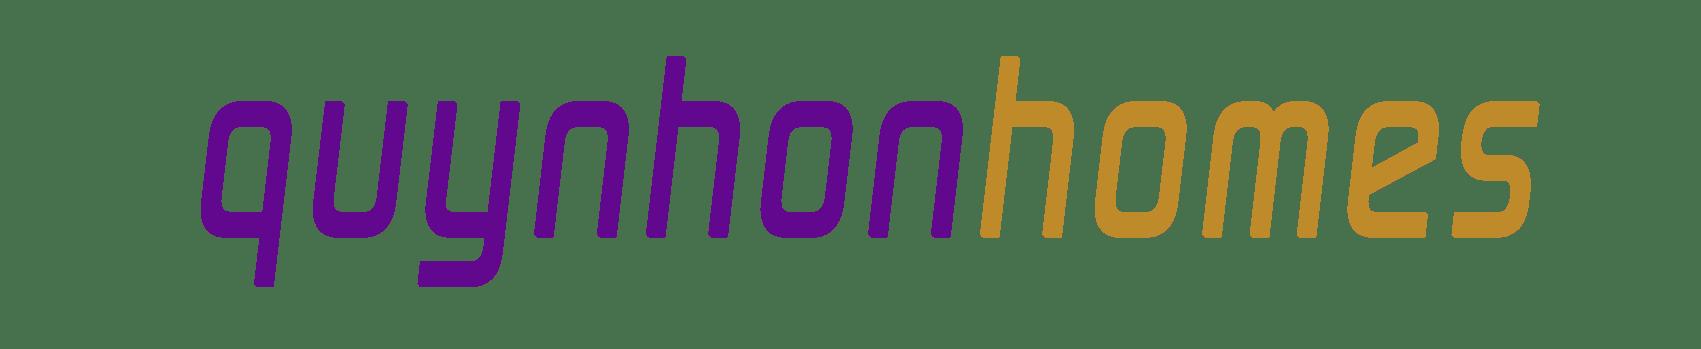 Quy Nhơn Homes – Bất động sản, Đô thị và Nhà ở Quy Nhơn